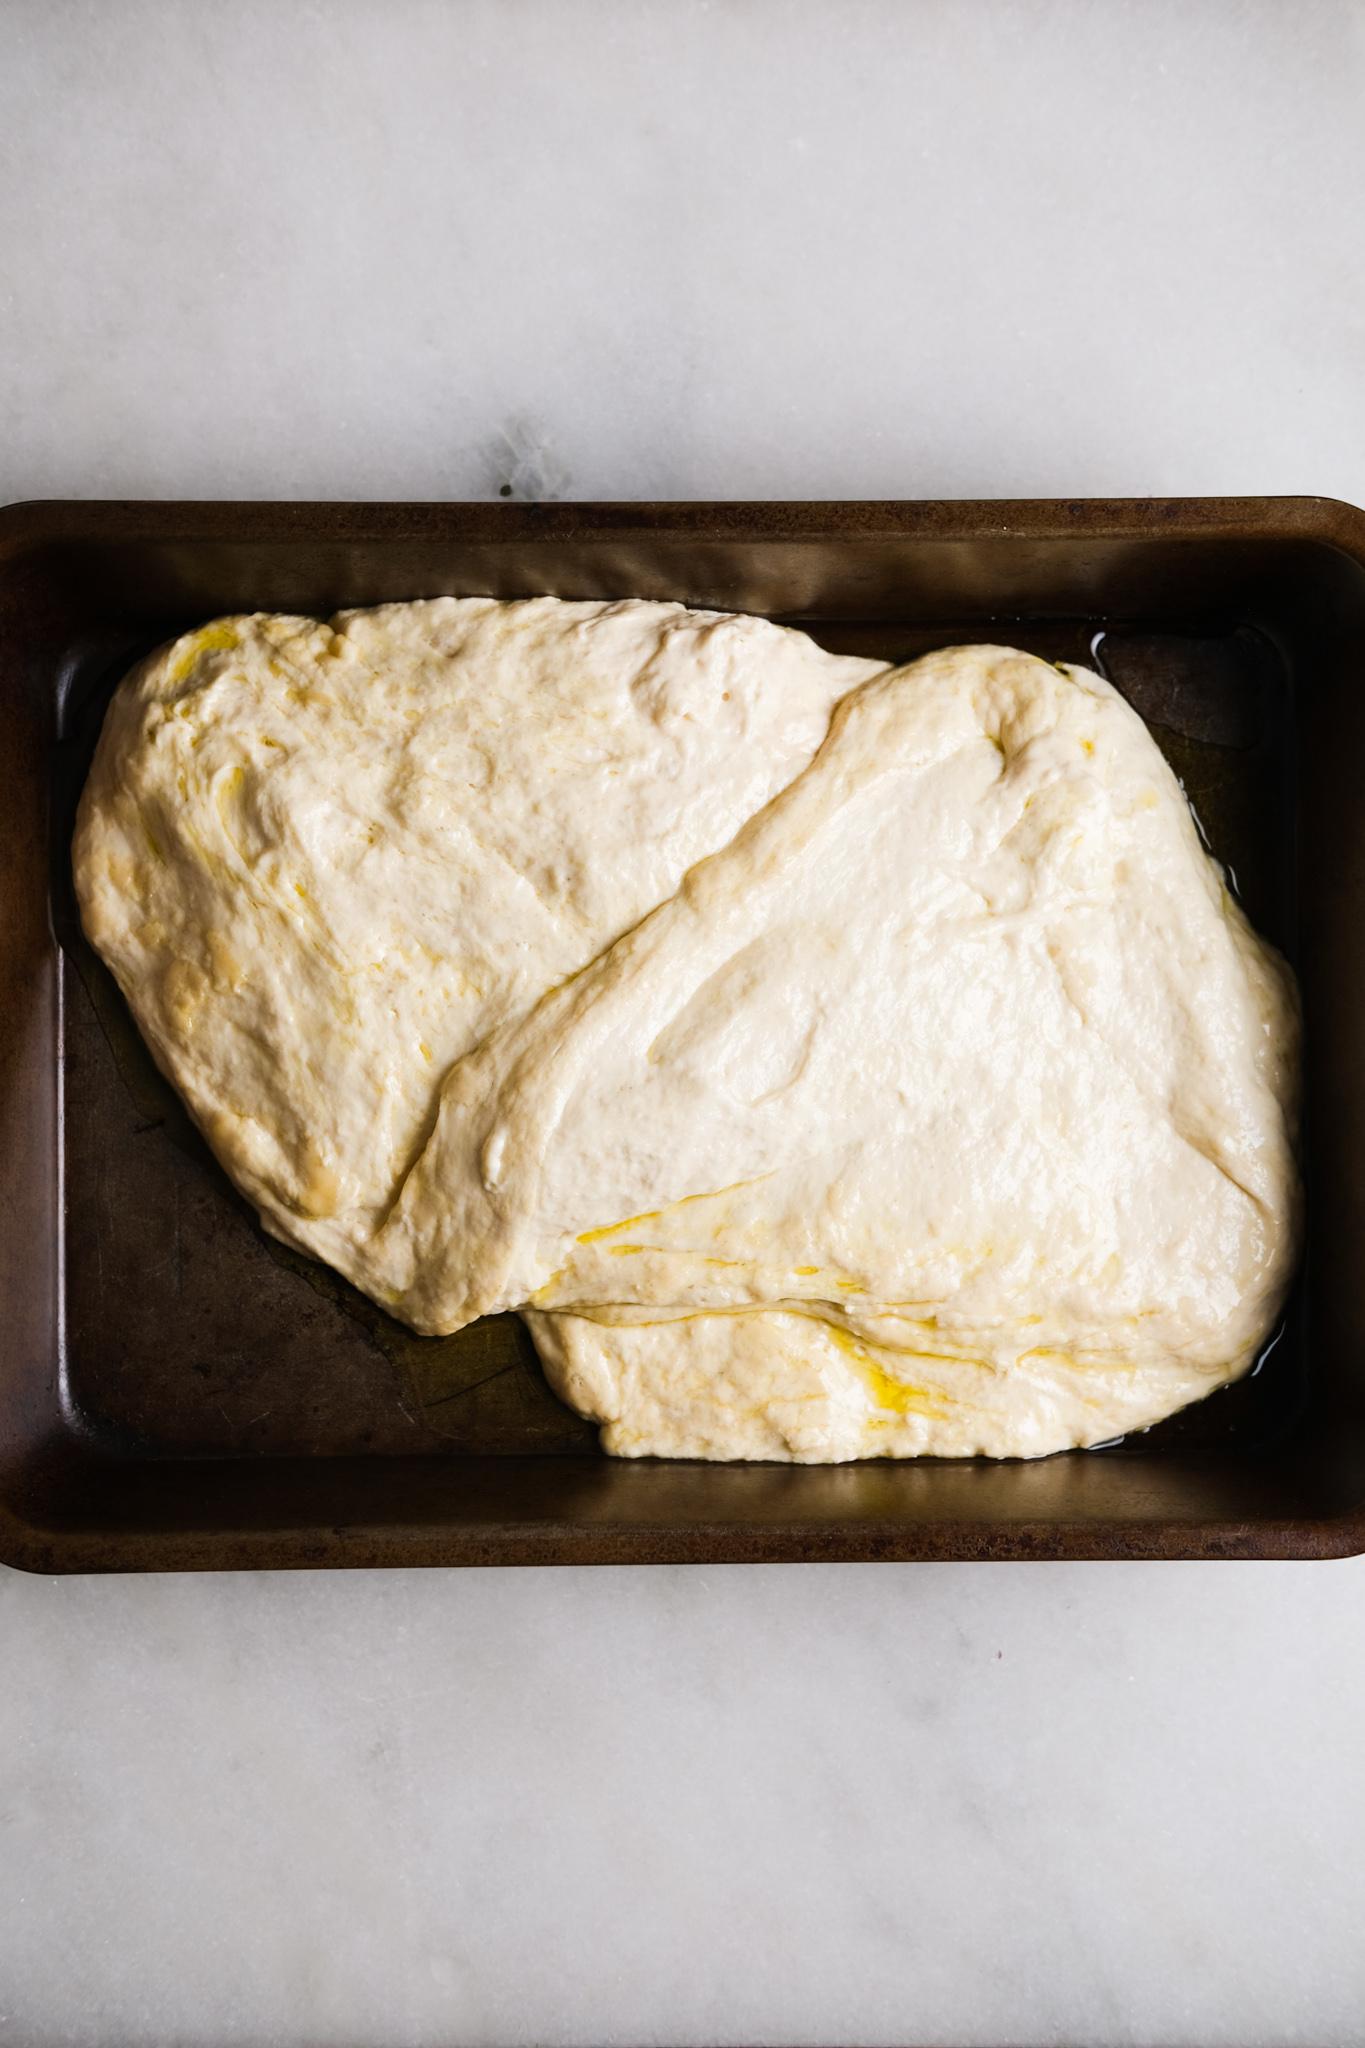 adding focaccia dough to a baking sheet